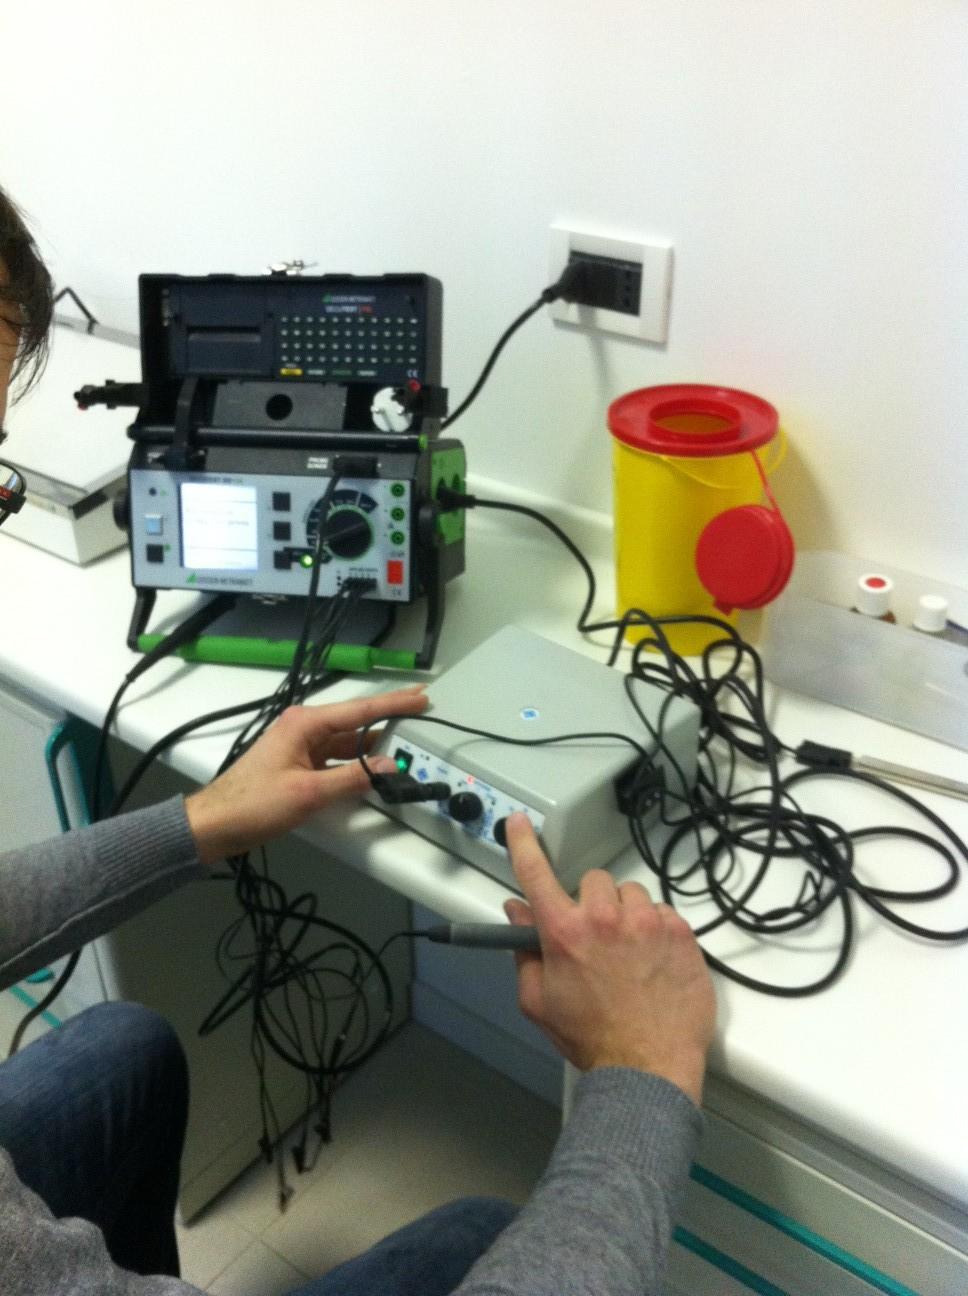 progettazione impianti elettrici e fotovoltaici verifiche impianto elettrico studi medici sicurezza delle apparecchiature elettromedicali 9